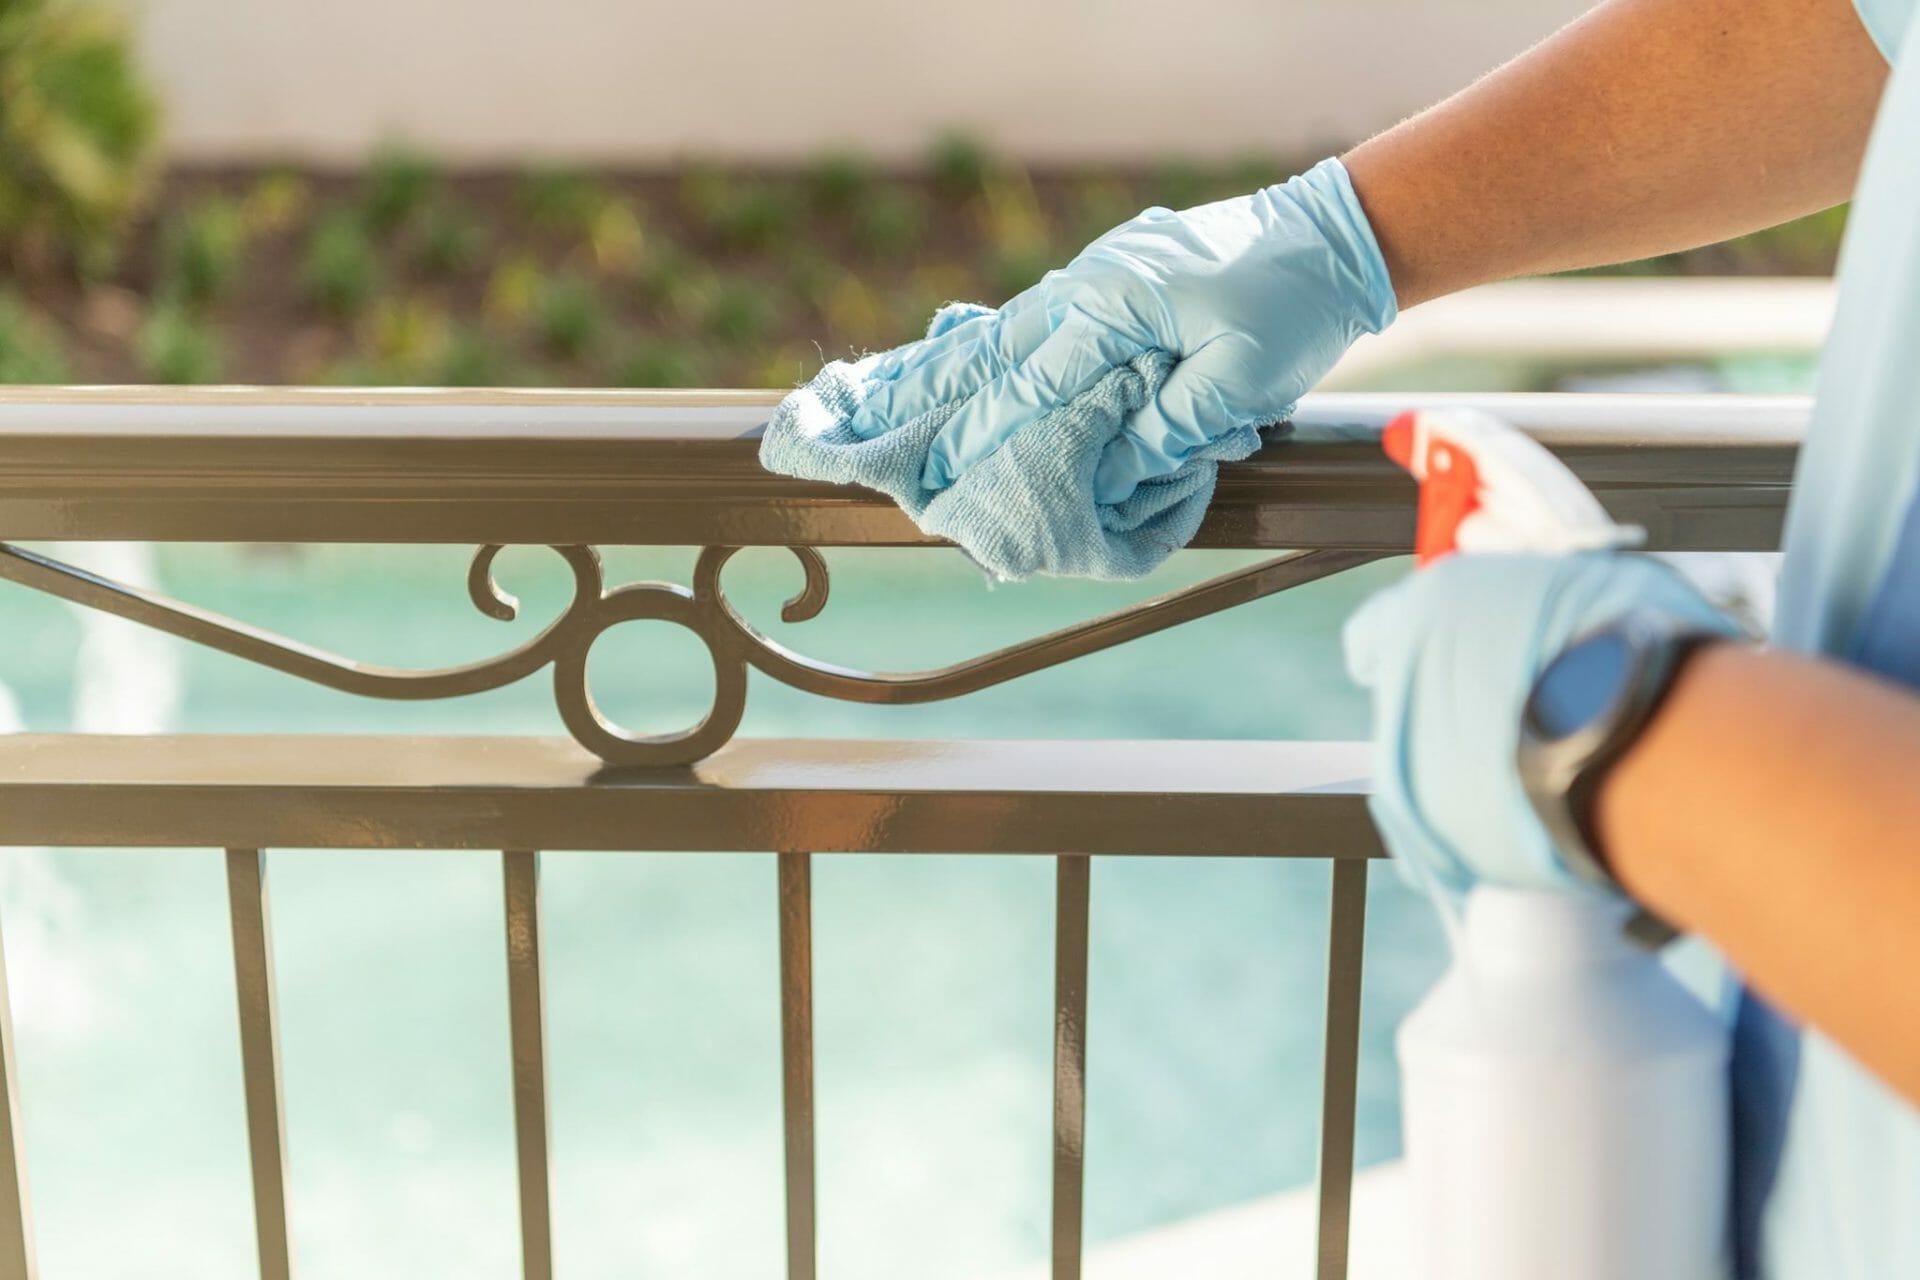 Walt Disney World Attraction Cleaning Procedures